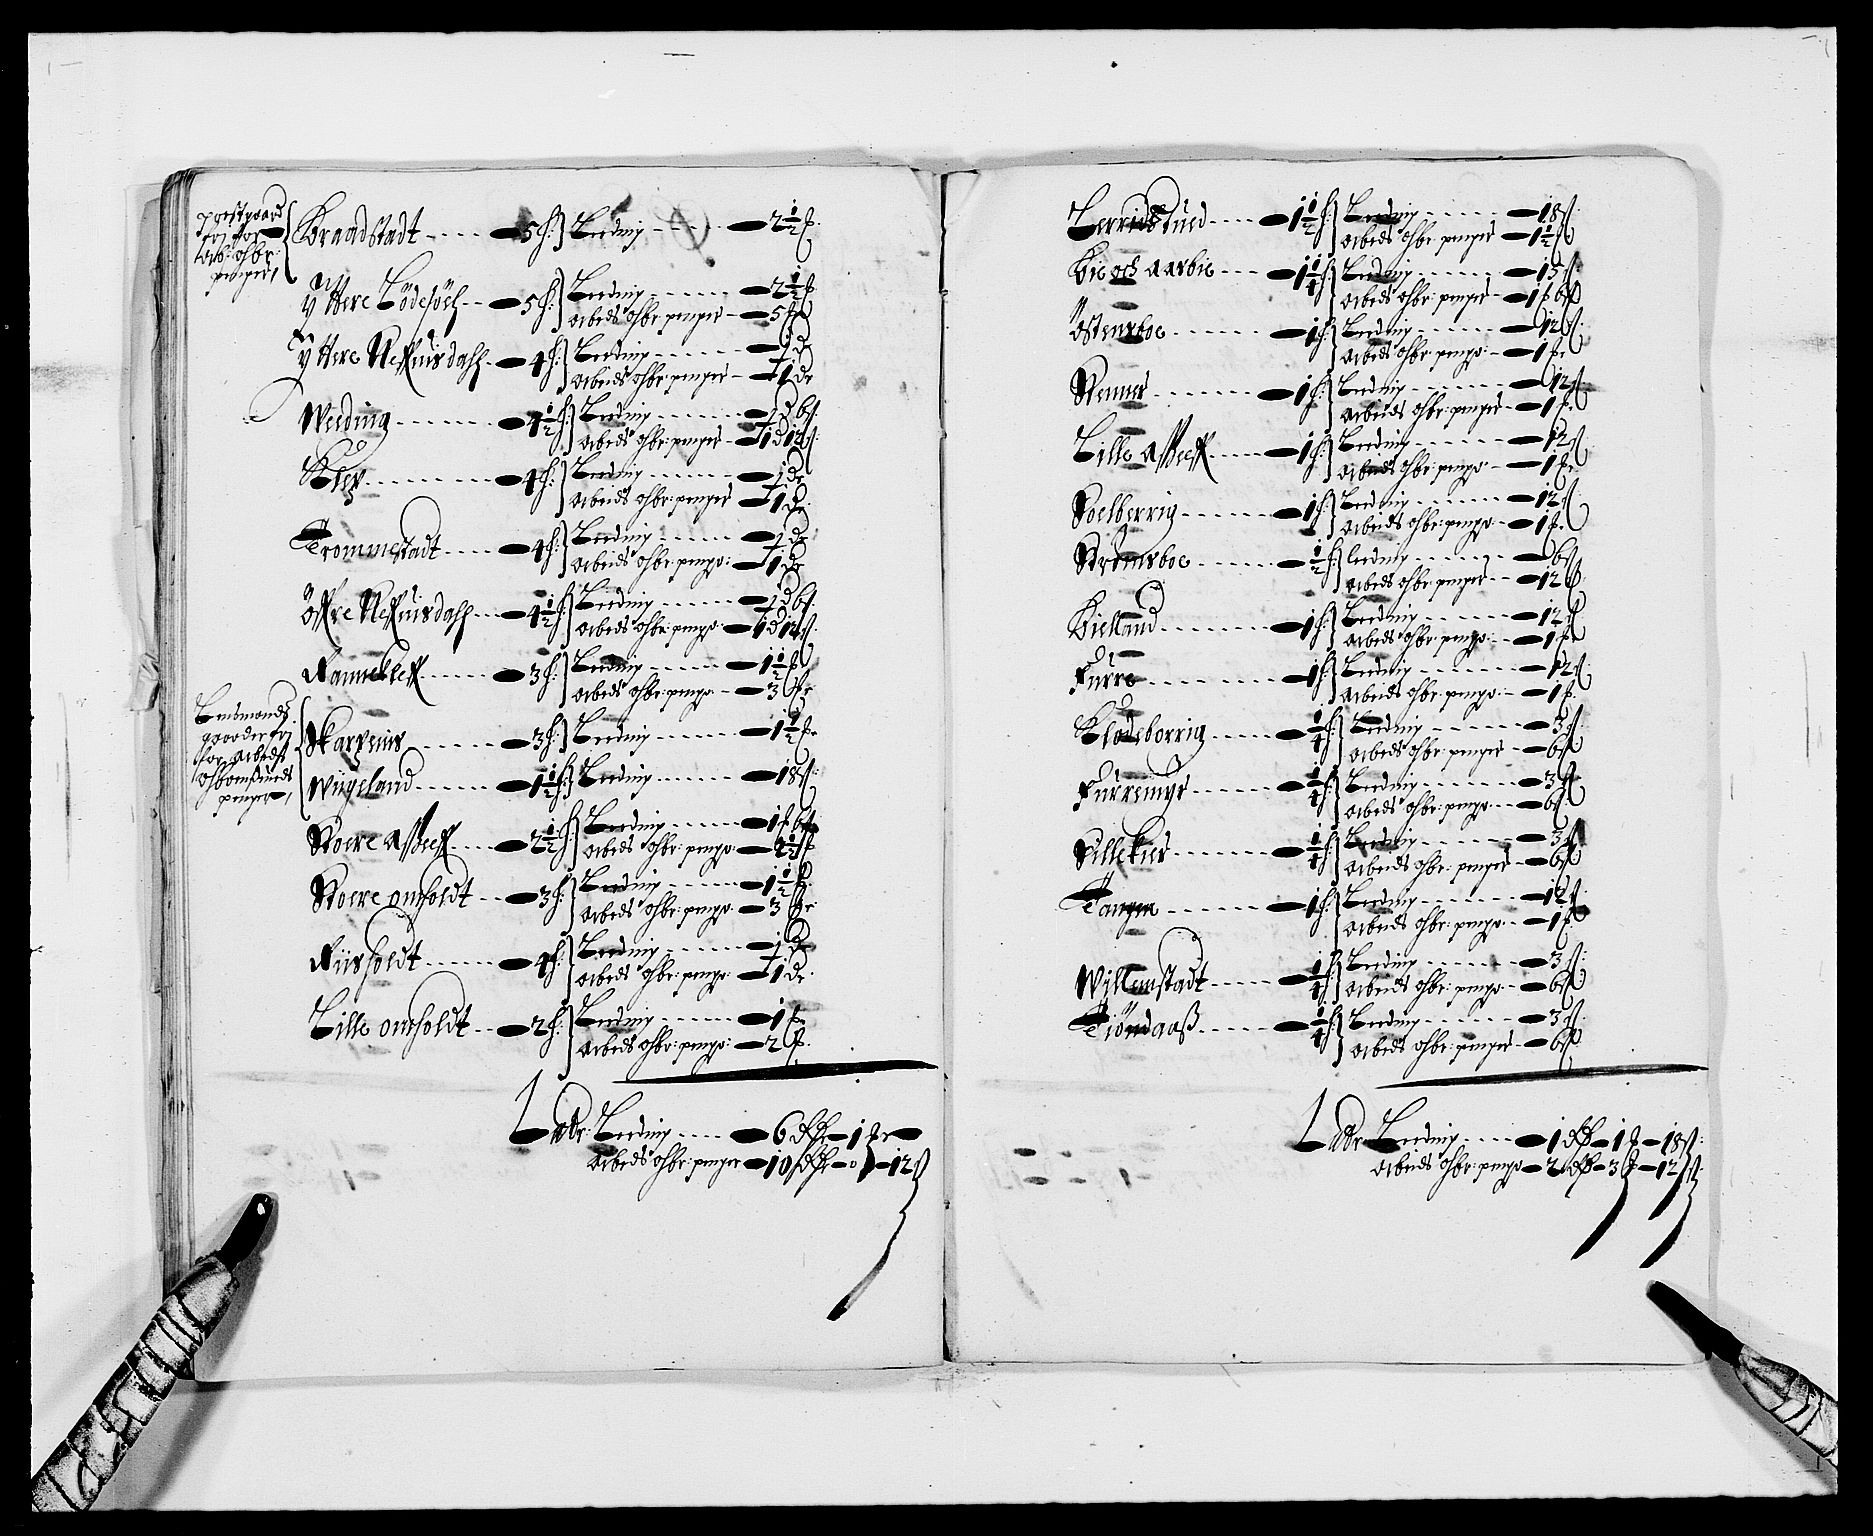 RA, Rentekammeret inntil 1814, Reviderte regnskaper, Fogderegnskap, R39/L2297: Fogderegnskap Nedenes, 1667-1669, s. 324